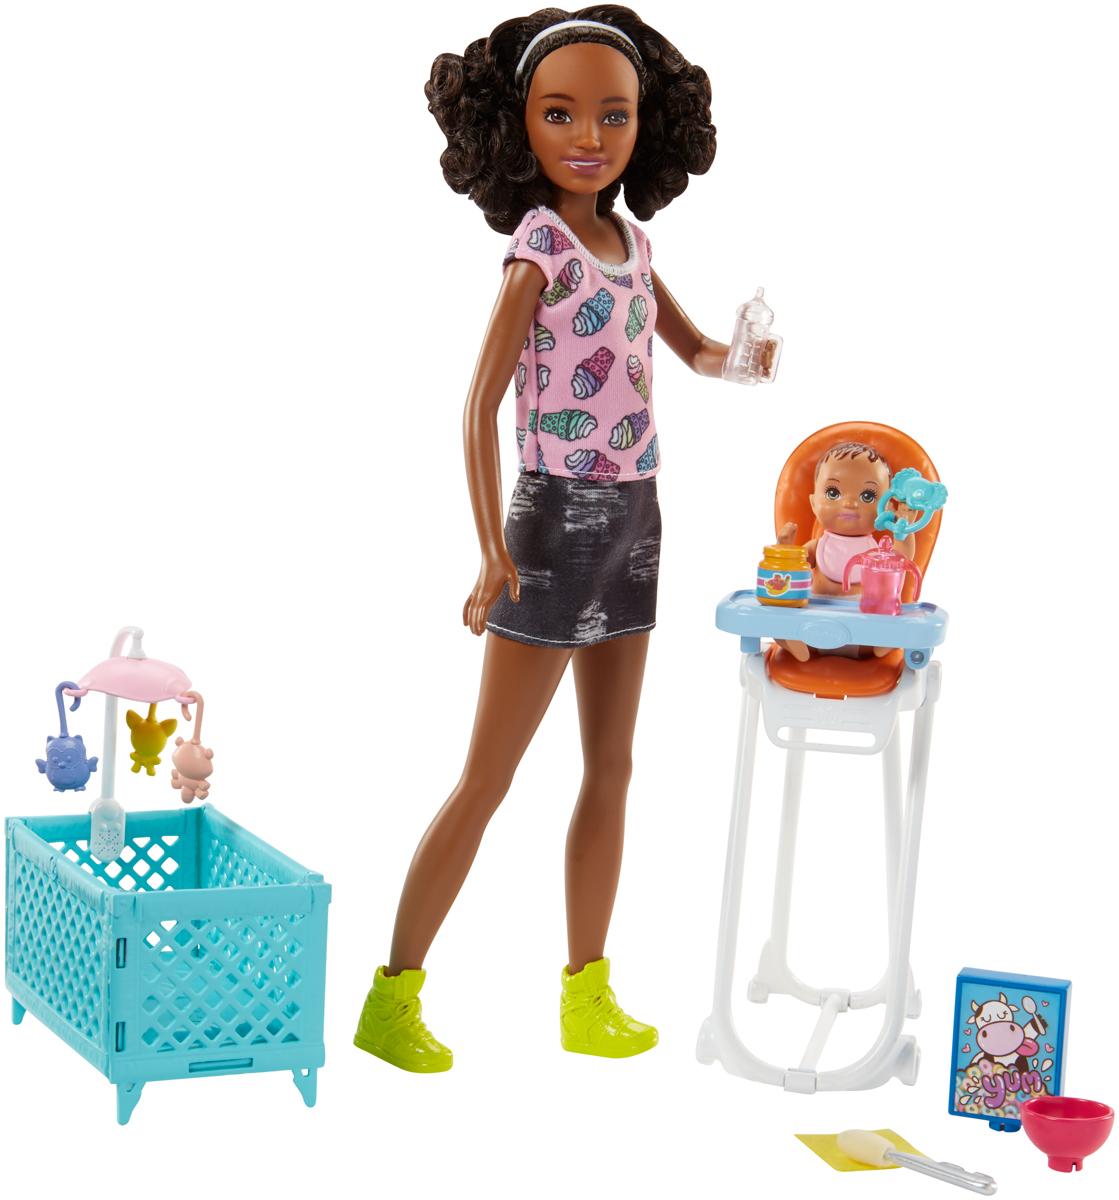 Barbie Игровой набор с куклой Няня FHY99 barbie игровой набор космический замок dpb51